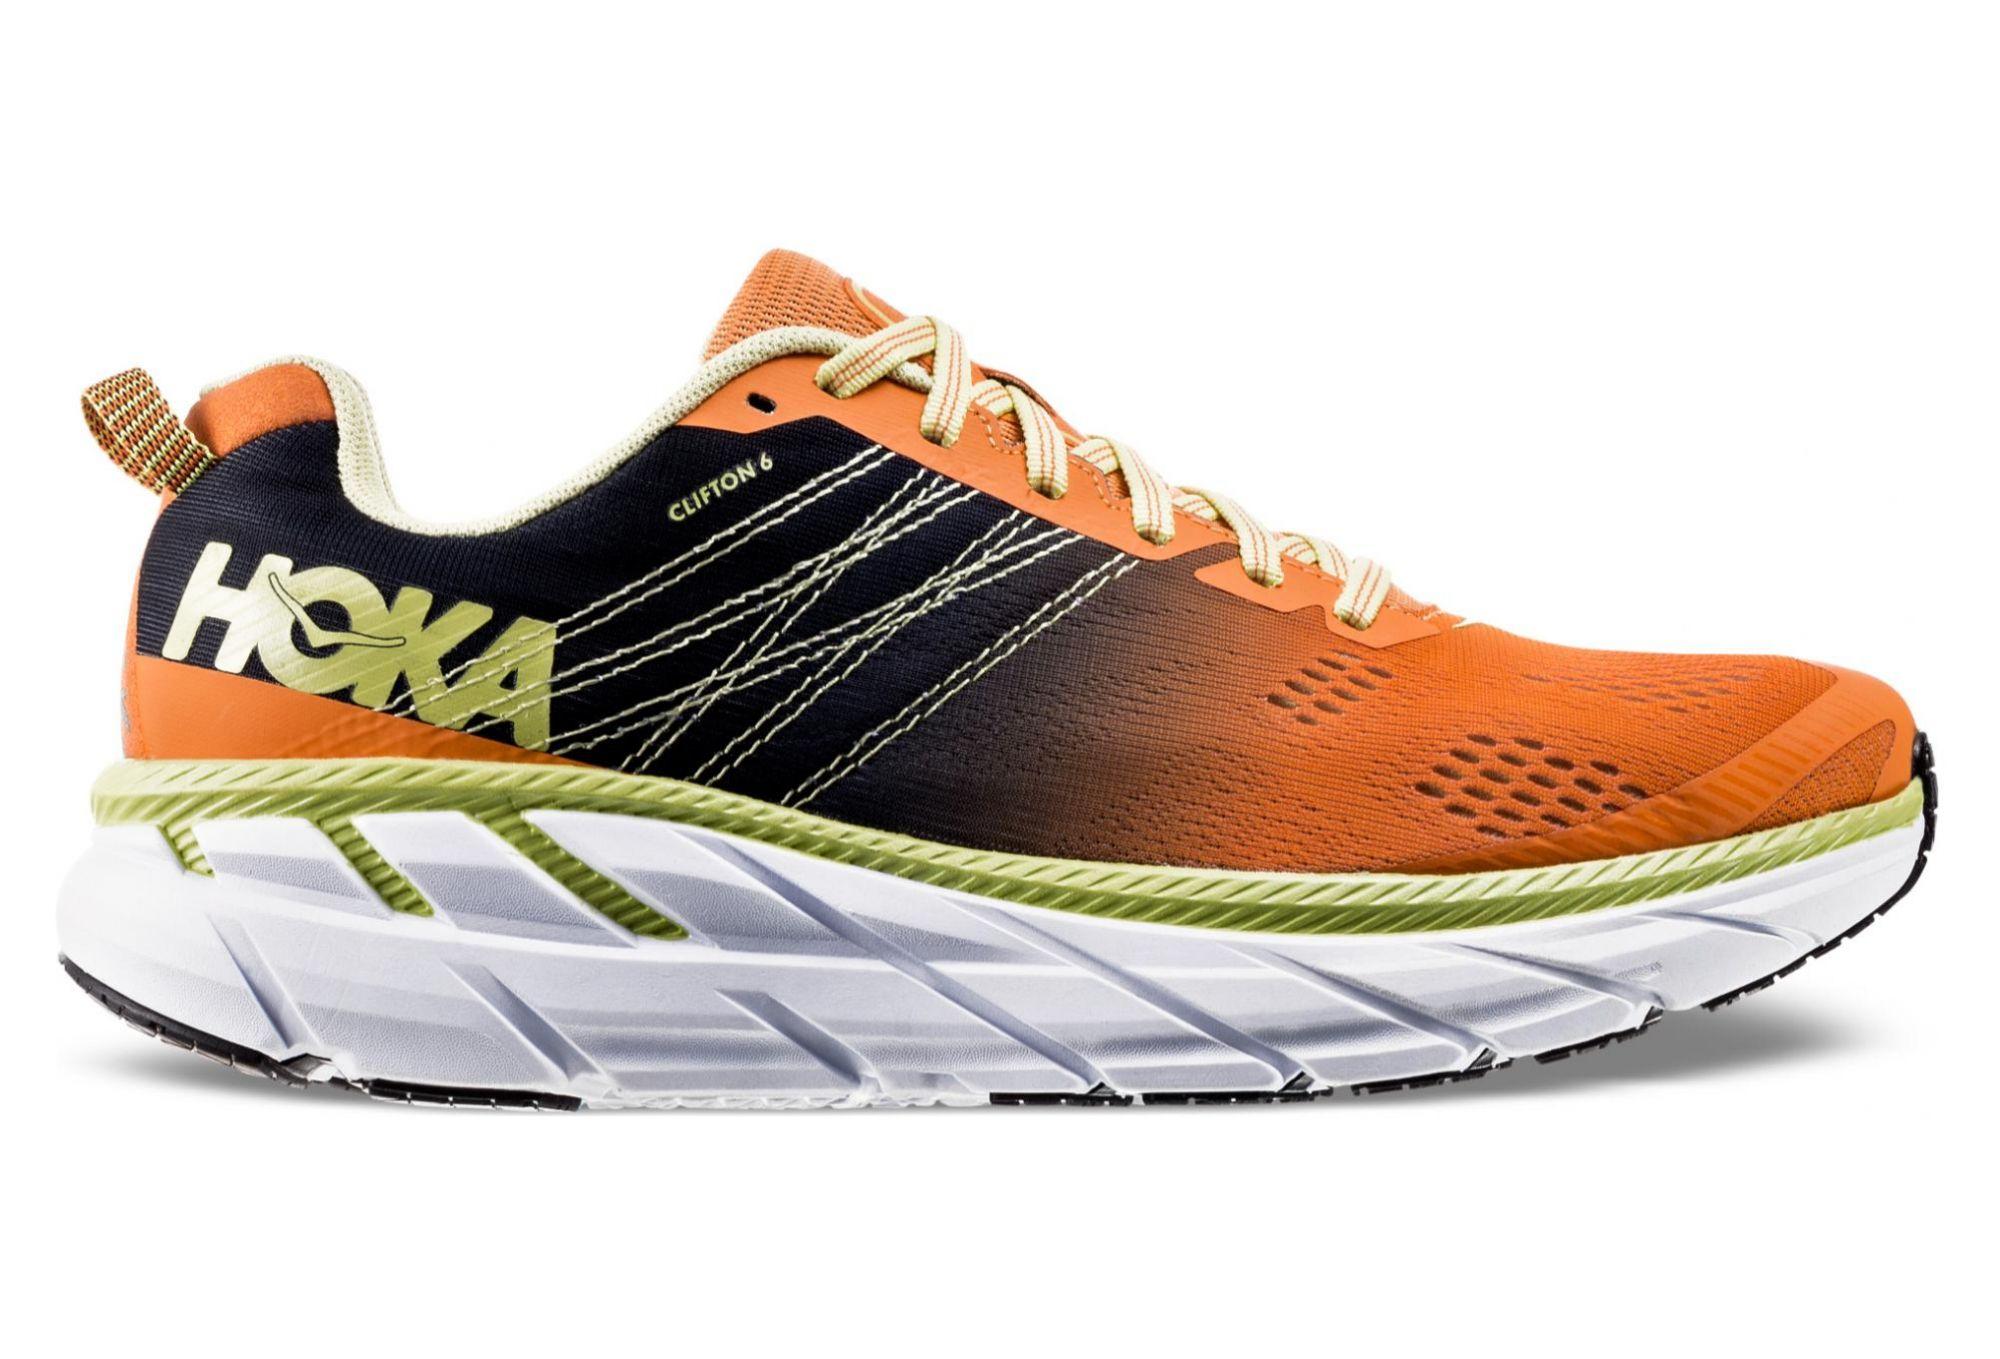 Chaussures de running Hoka One Clifton 6